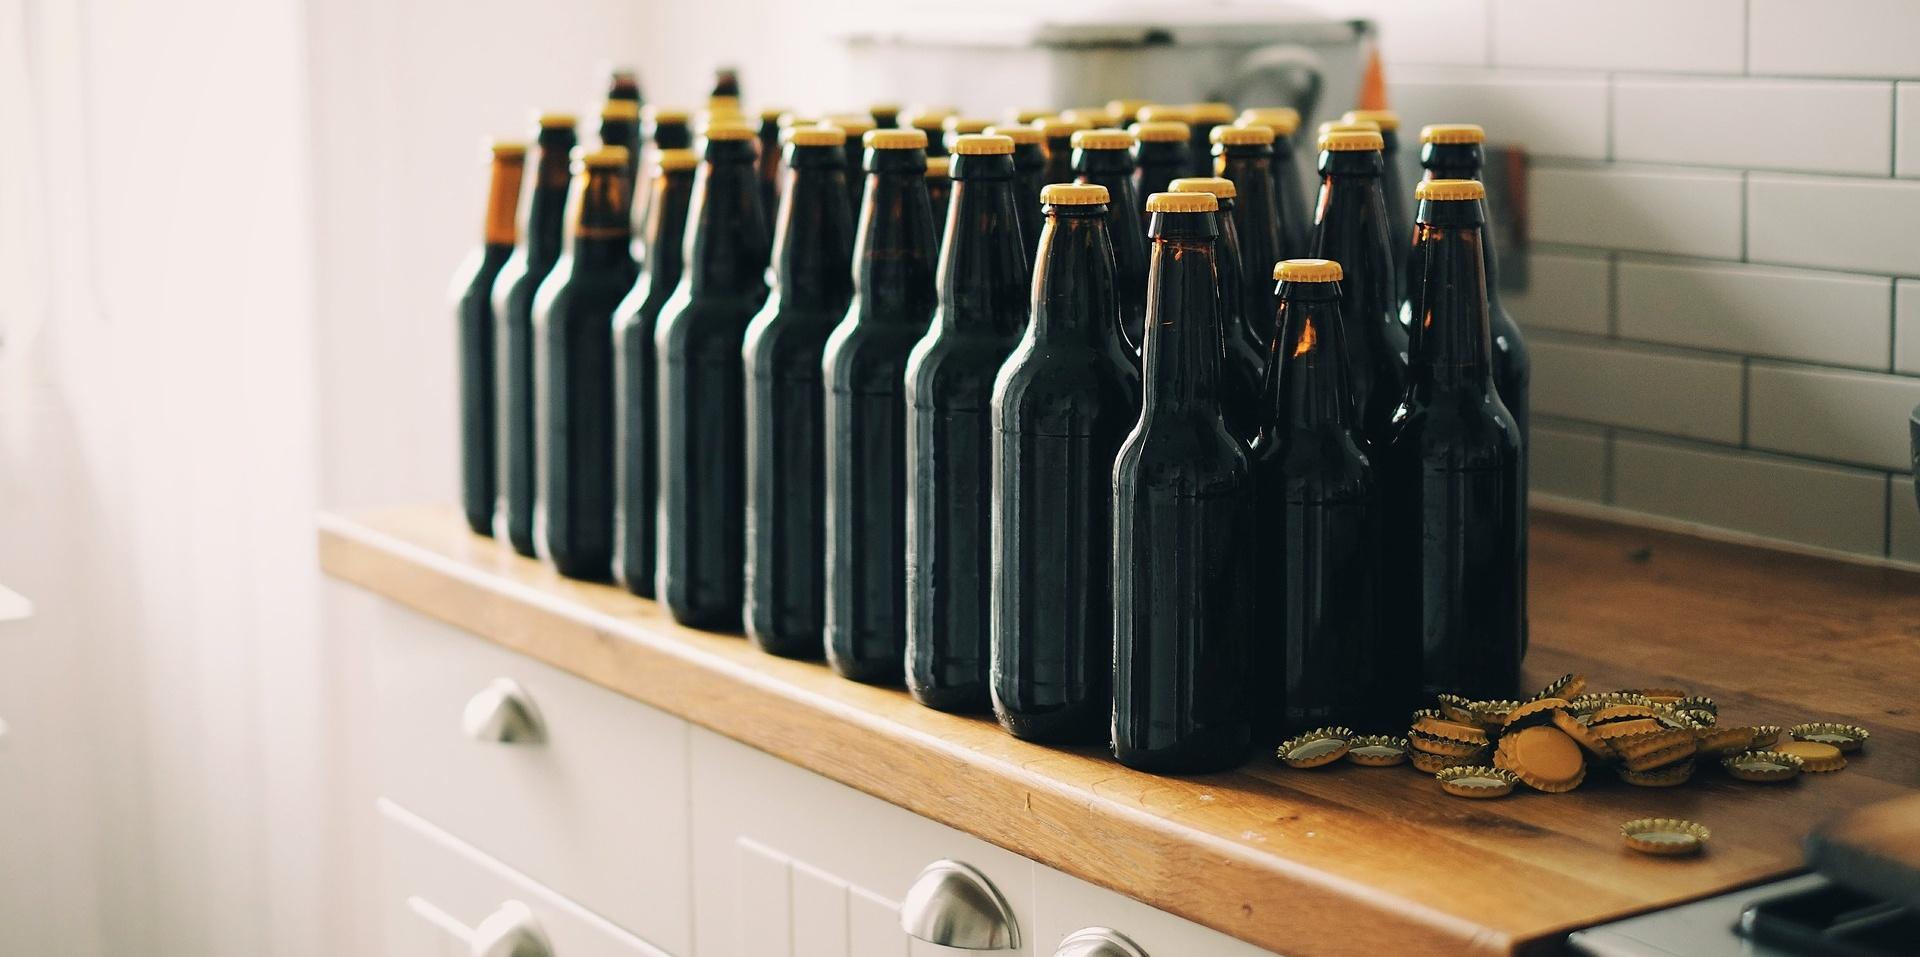 Homebrew bottles in kitchen